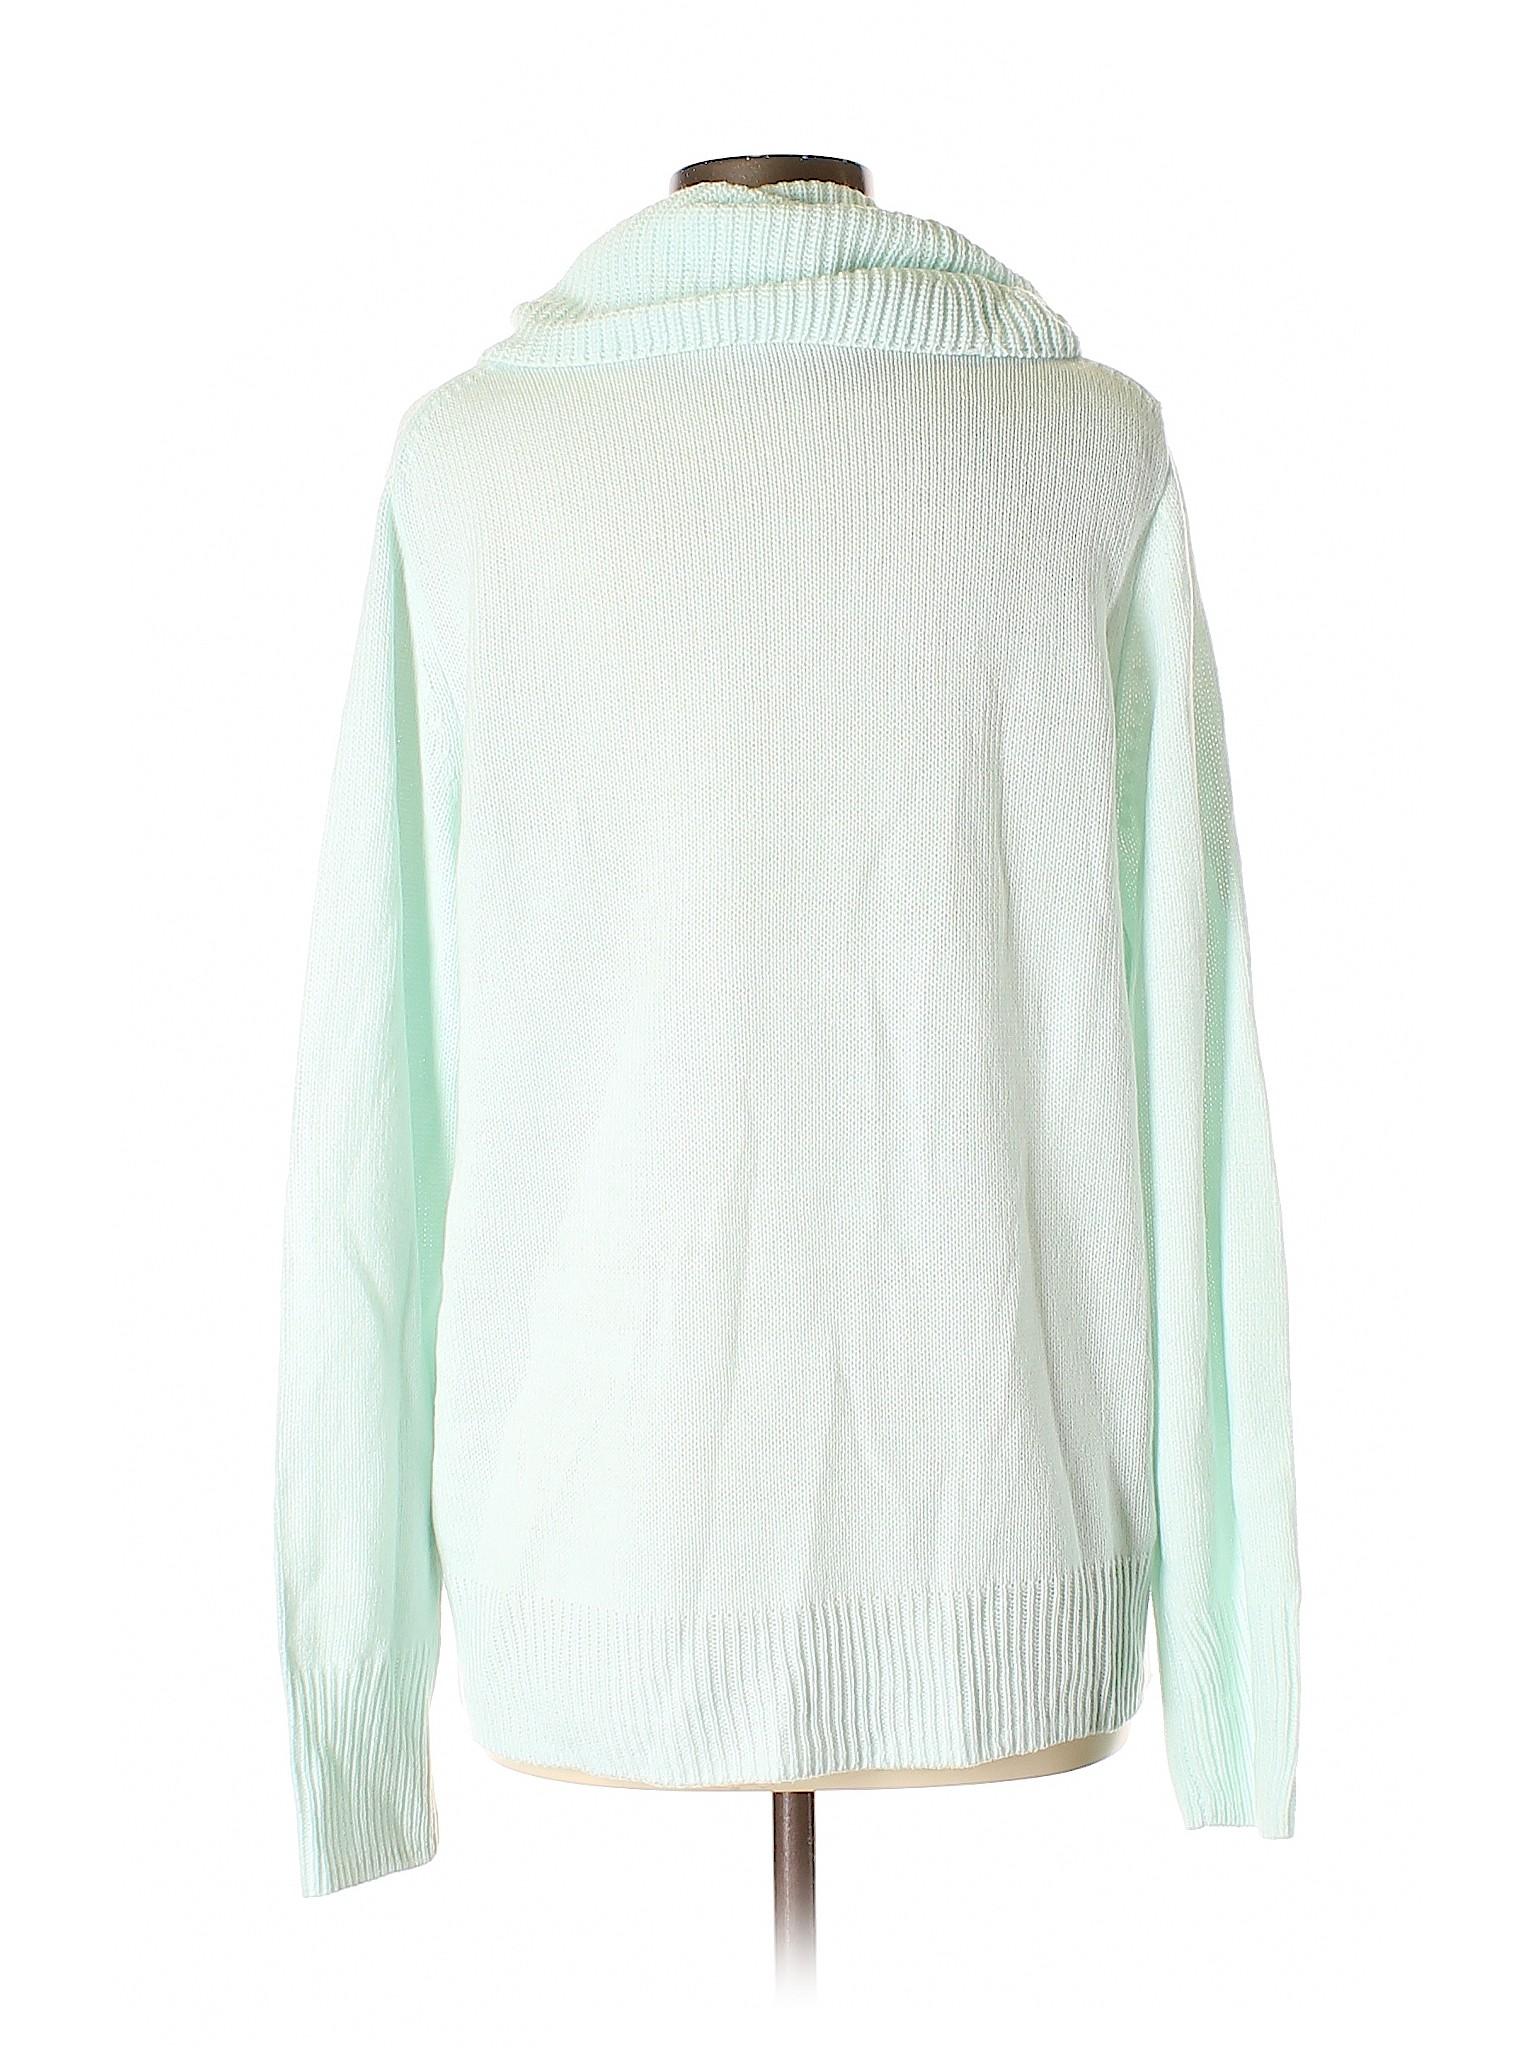 CB Sweater Boutique CB Pullover CB Sweater Pullover Boutique Boutique 75xCq